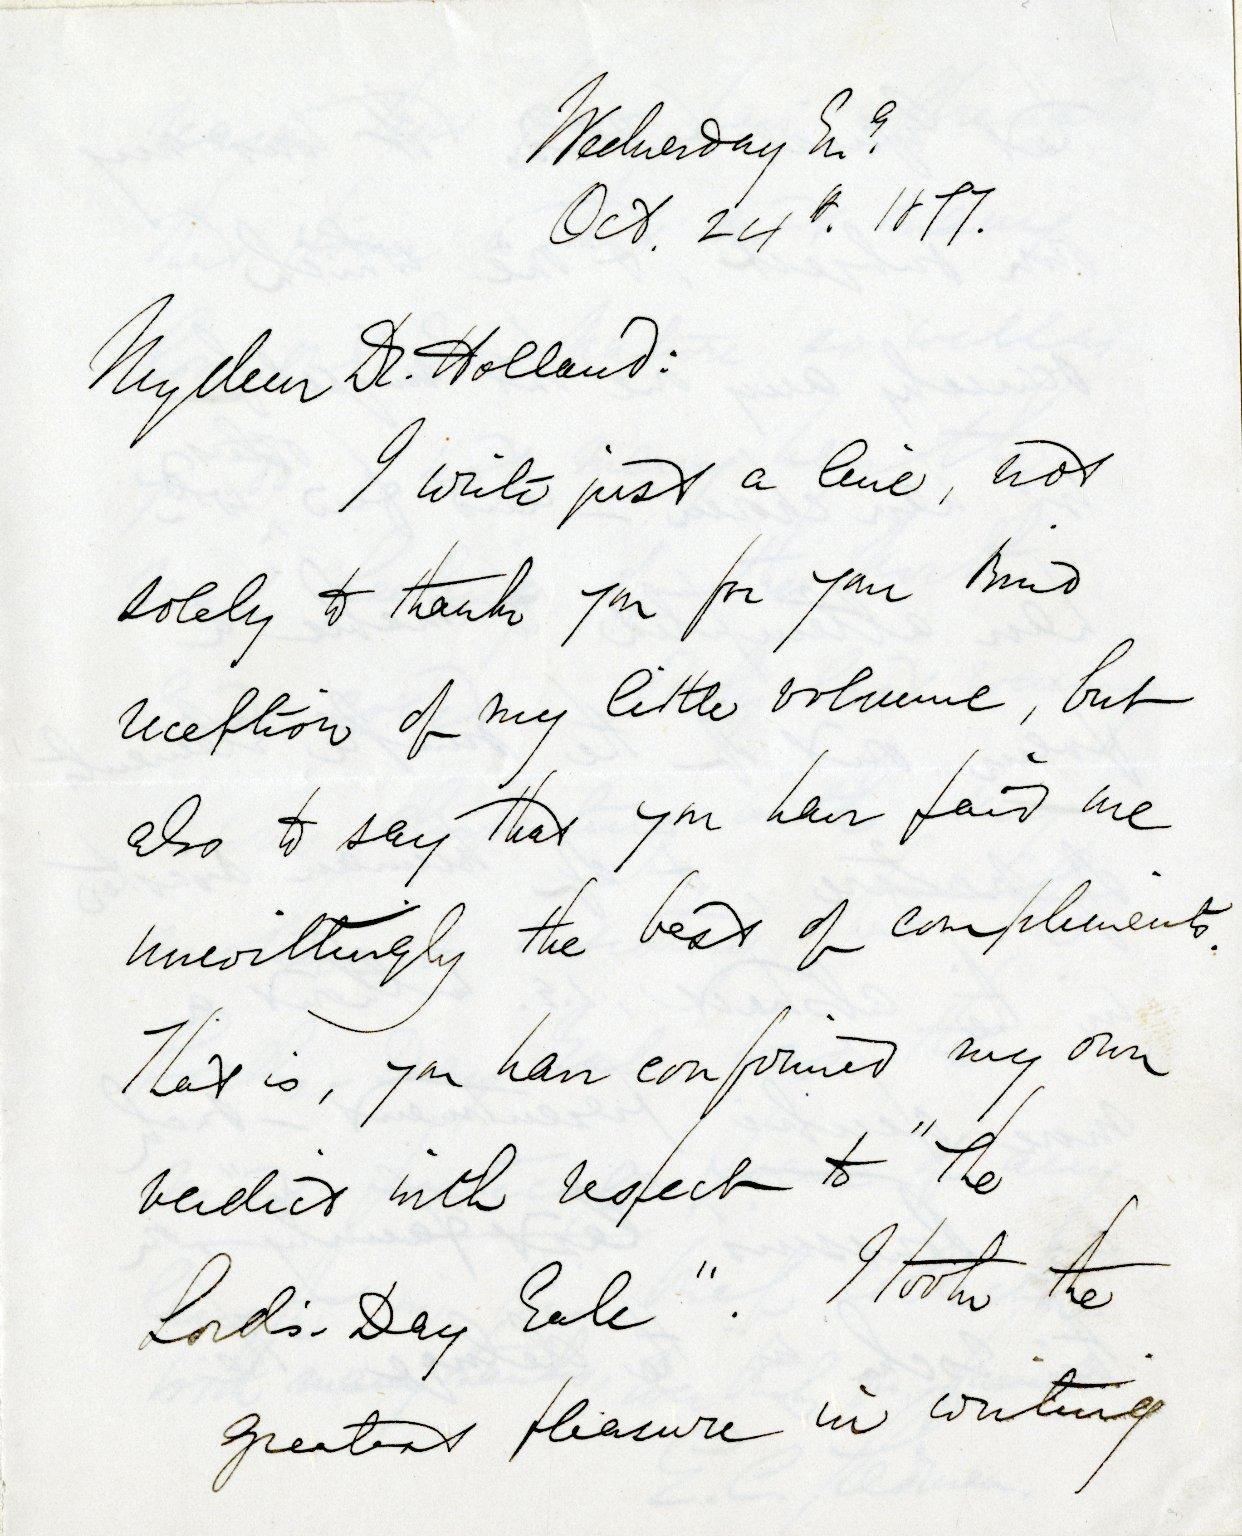 Stedman, Edmund C. ALS, 3 pages, October 24, 1877.